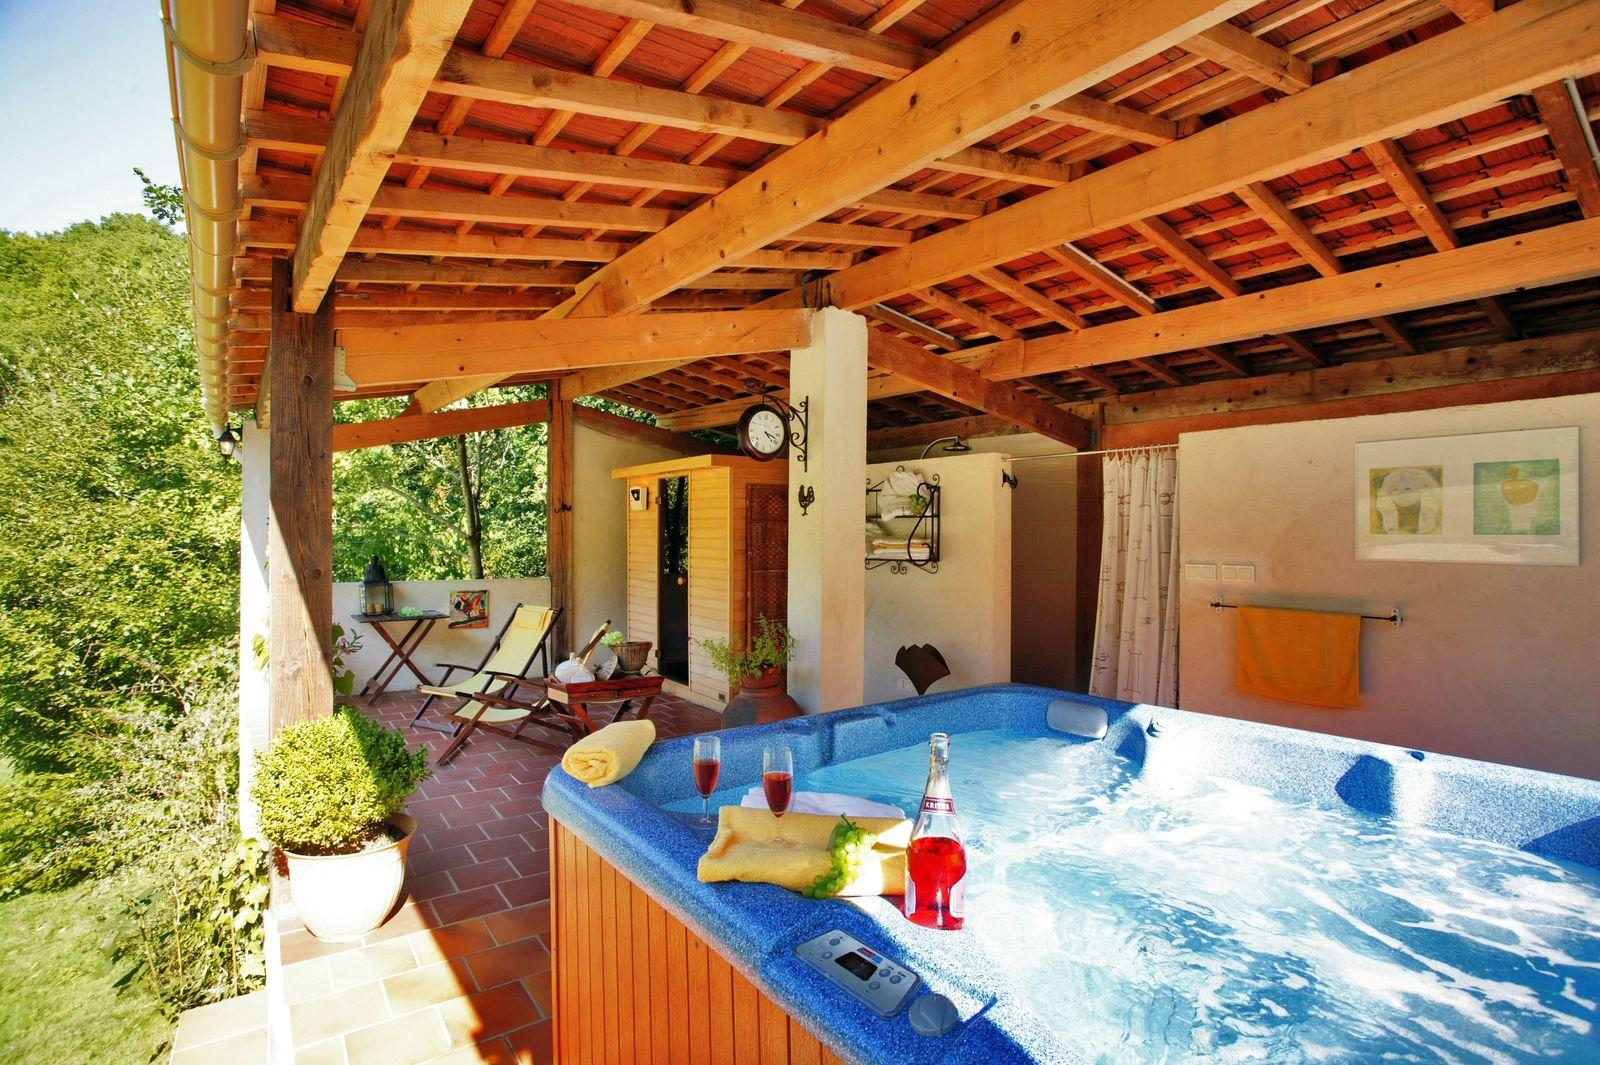 Afbeelding van La Nouvelle Source - Owen vakantiewoning Dordogne I Frankrijk